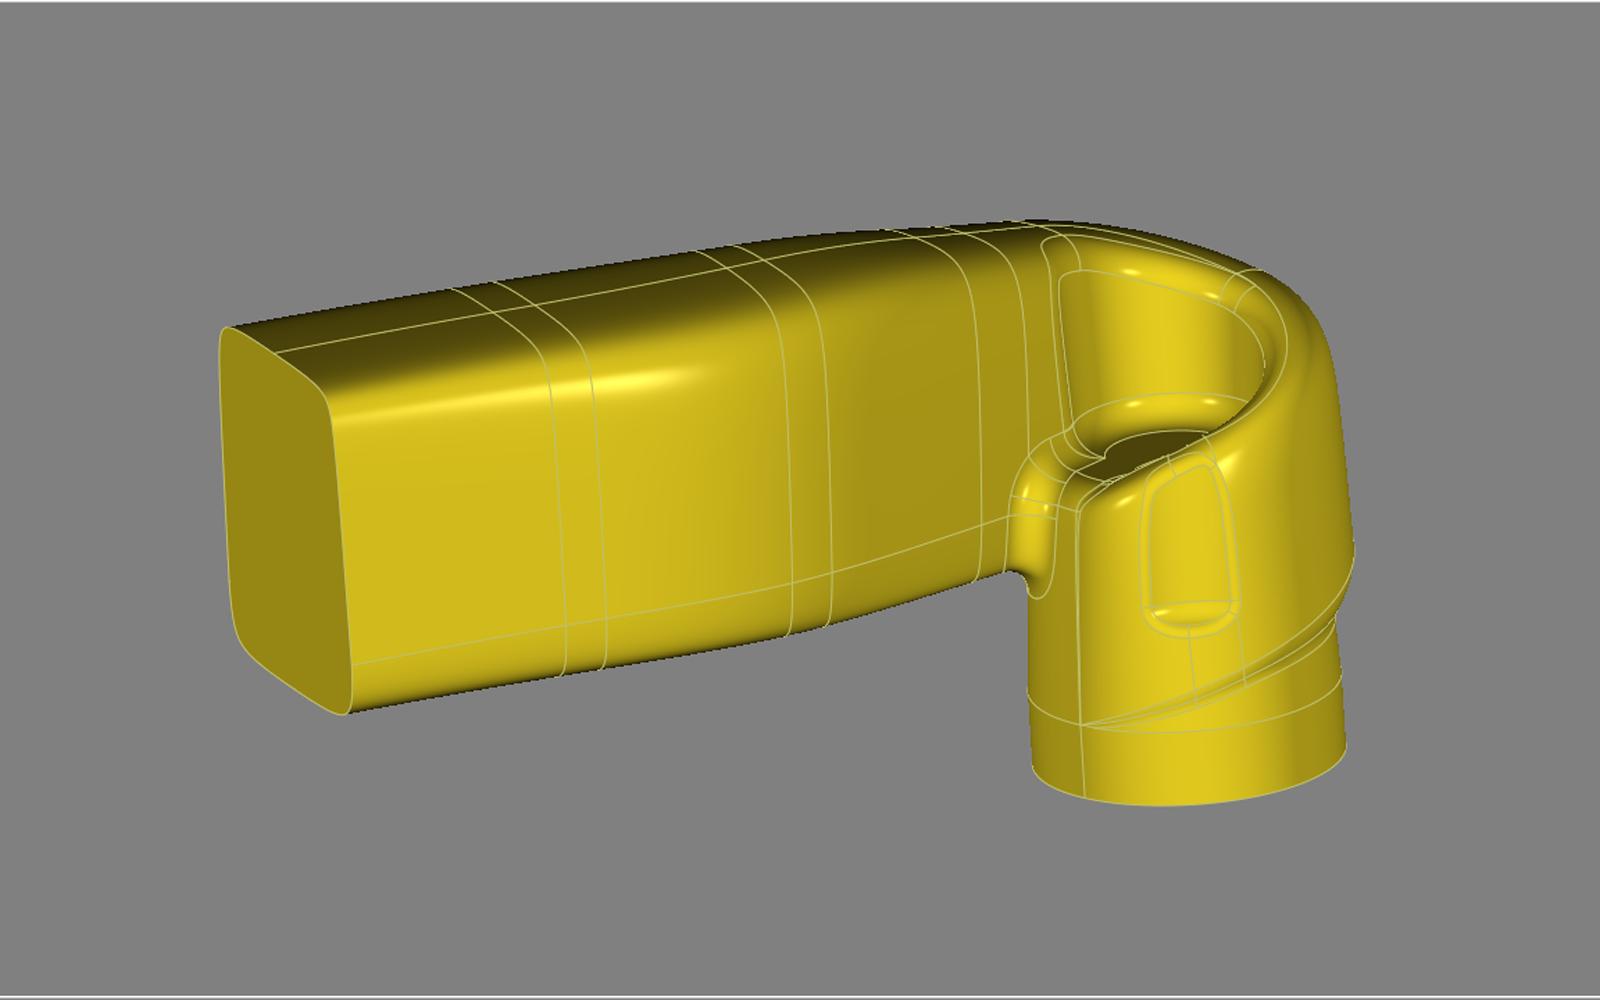 Conap 3D Qualitätskontrolle - Einlasskanal auf dem Messtisch